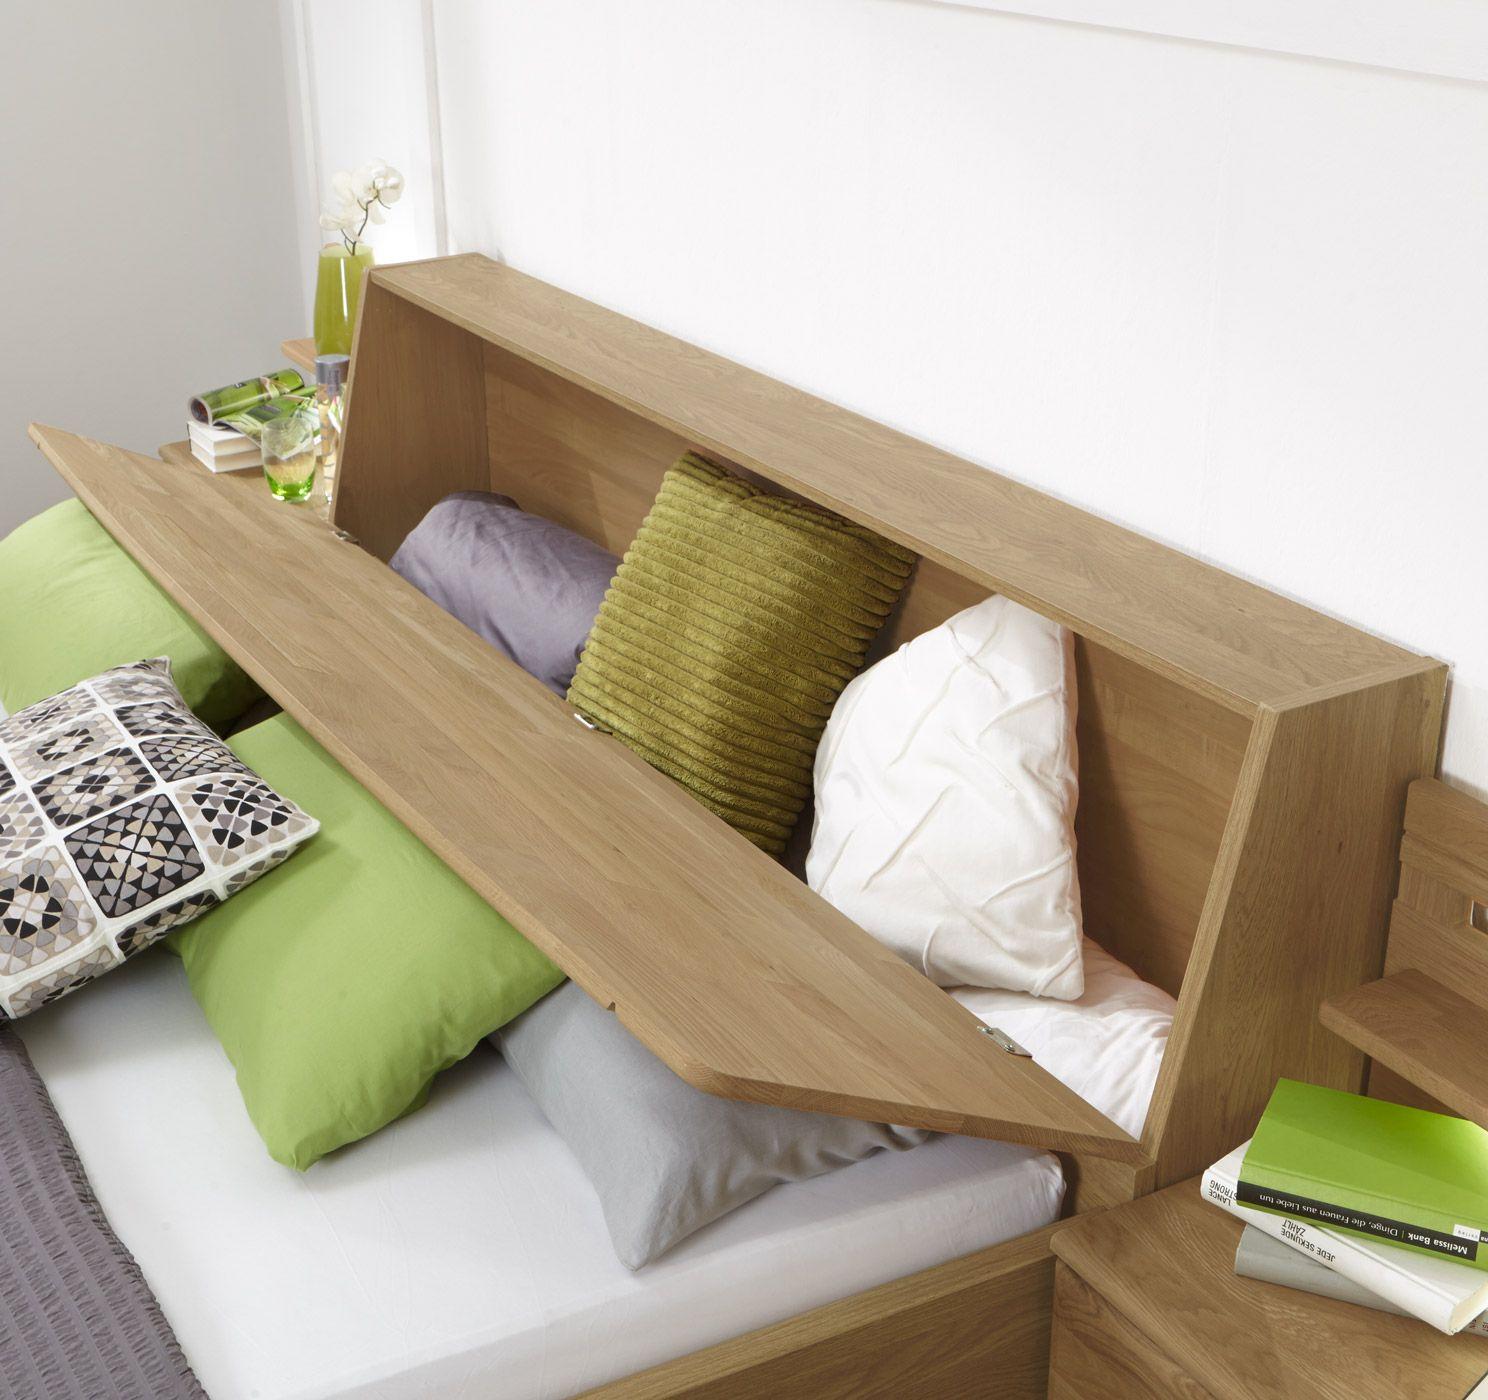 sch n bett mit stauraum im kopfteil schlafzimmer ideen pinterest bett mit stauraum. Black Bedroom Furniture Sets. Home Design Ideas